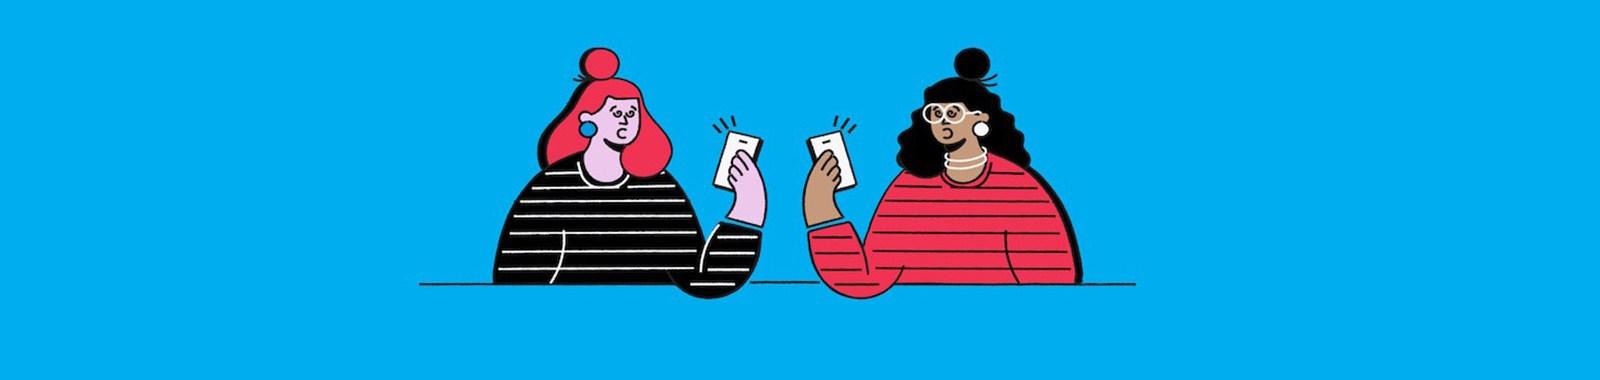 new-social-channels-eye